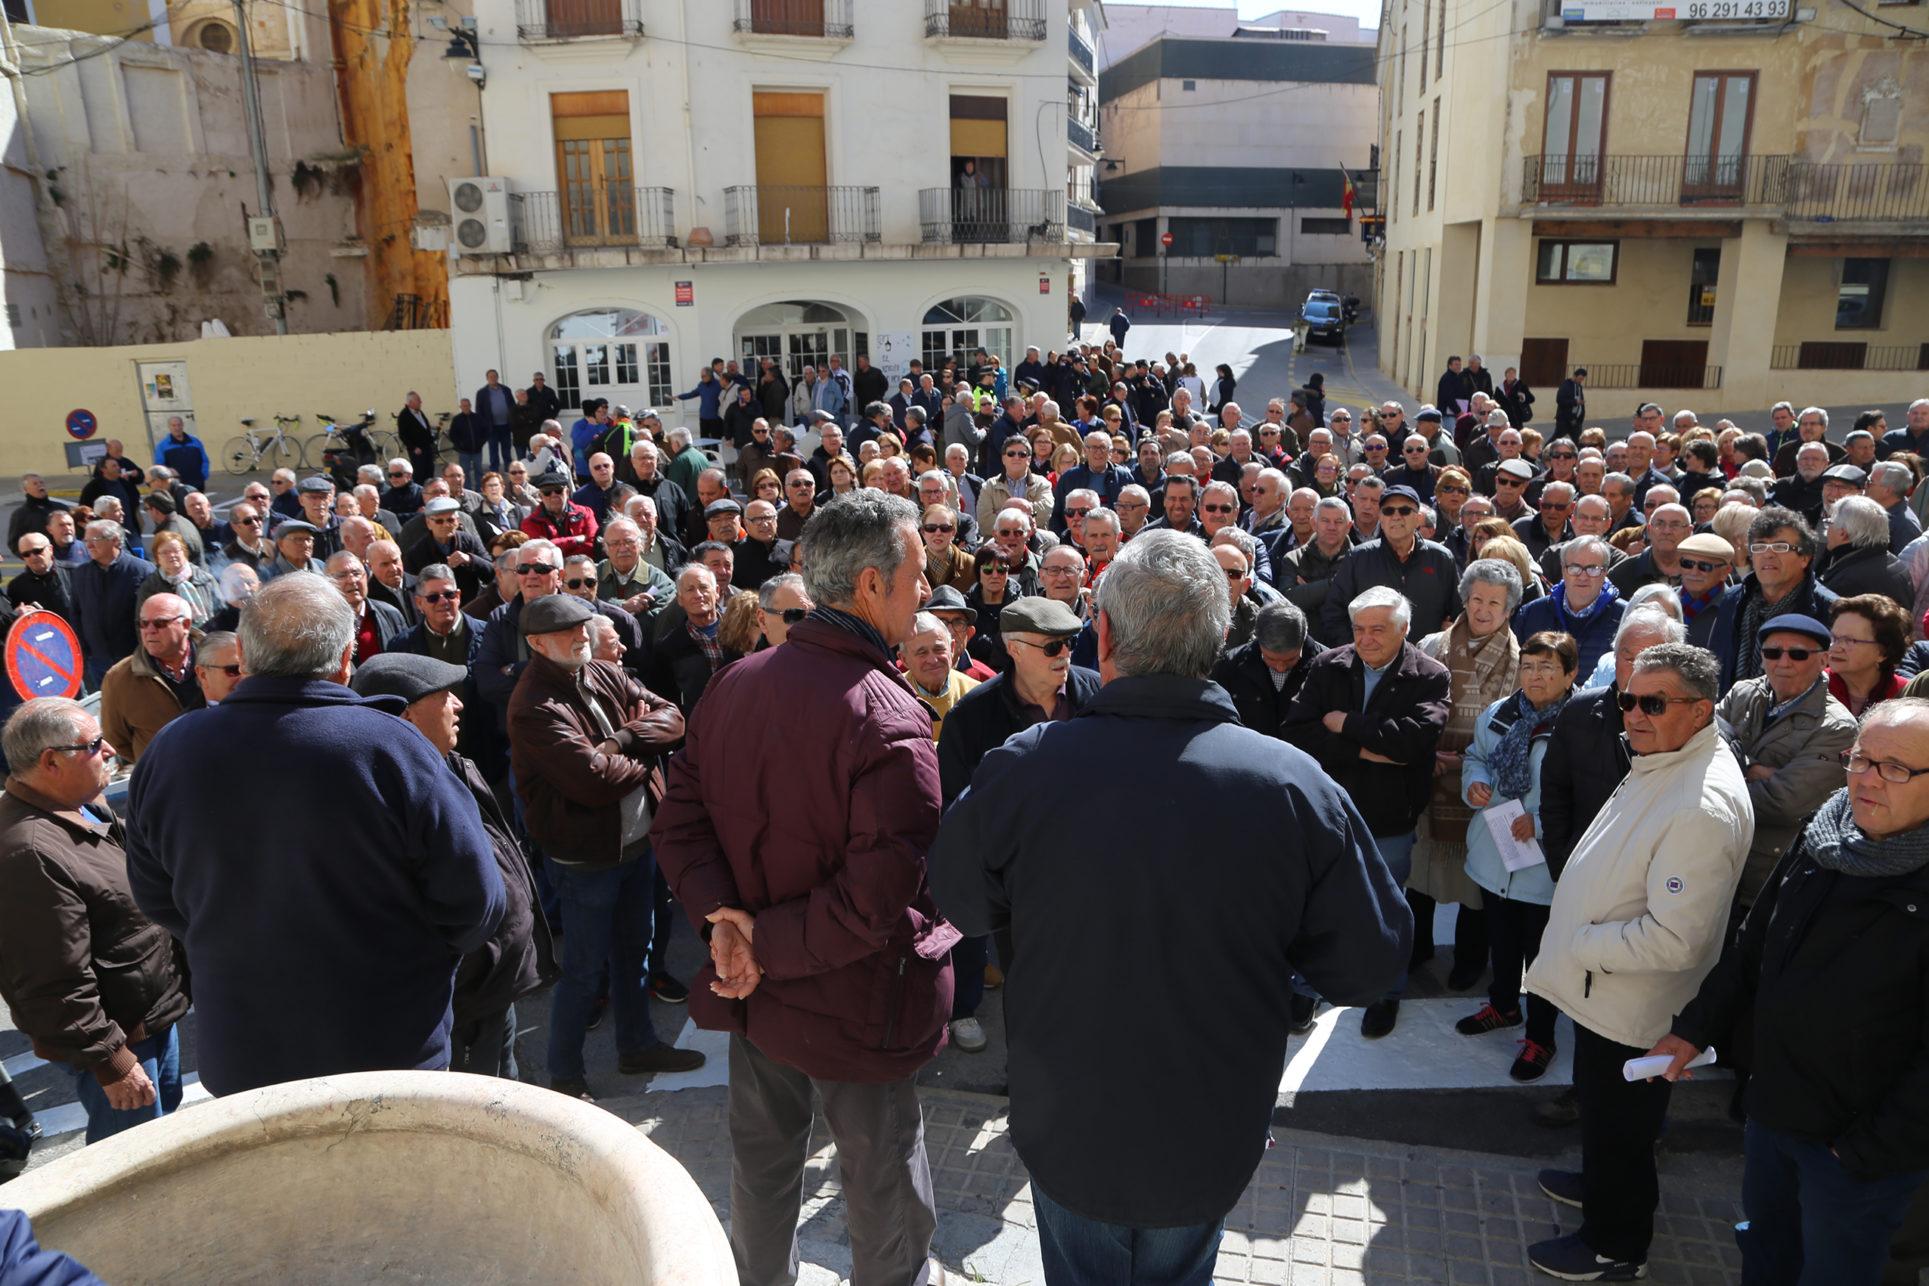 Els jubilats d'Ontinyent eixiran dissabte al carrer per reclamar unes pensions dignes El Periòdic d'Ontinyent - Noticies a Ontinyent